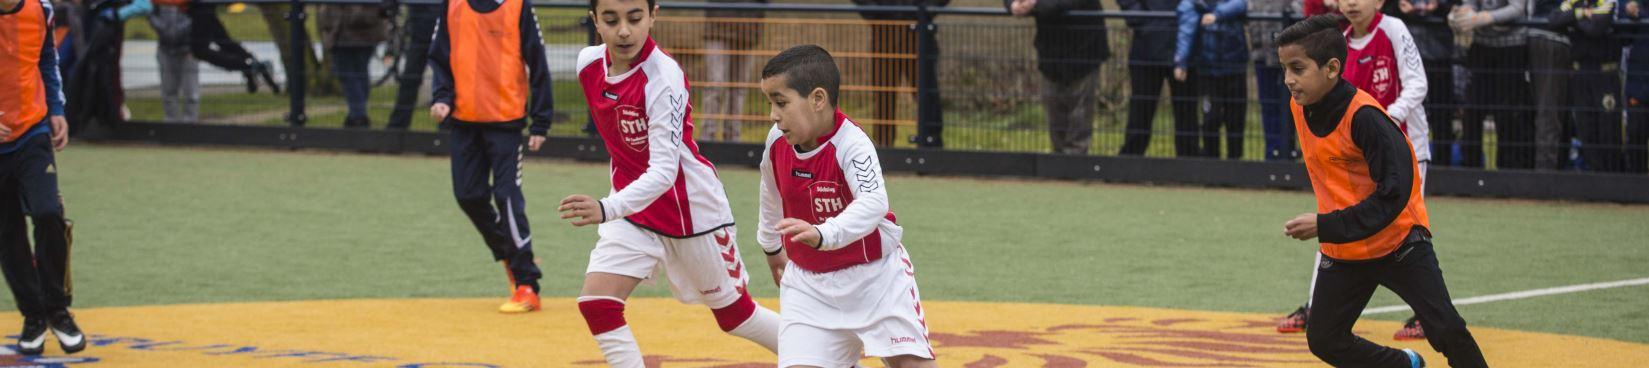 Voorronde Cruyff Courts Kampioenen 6 vs 6 op Cruyff Court Haarlem